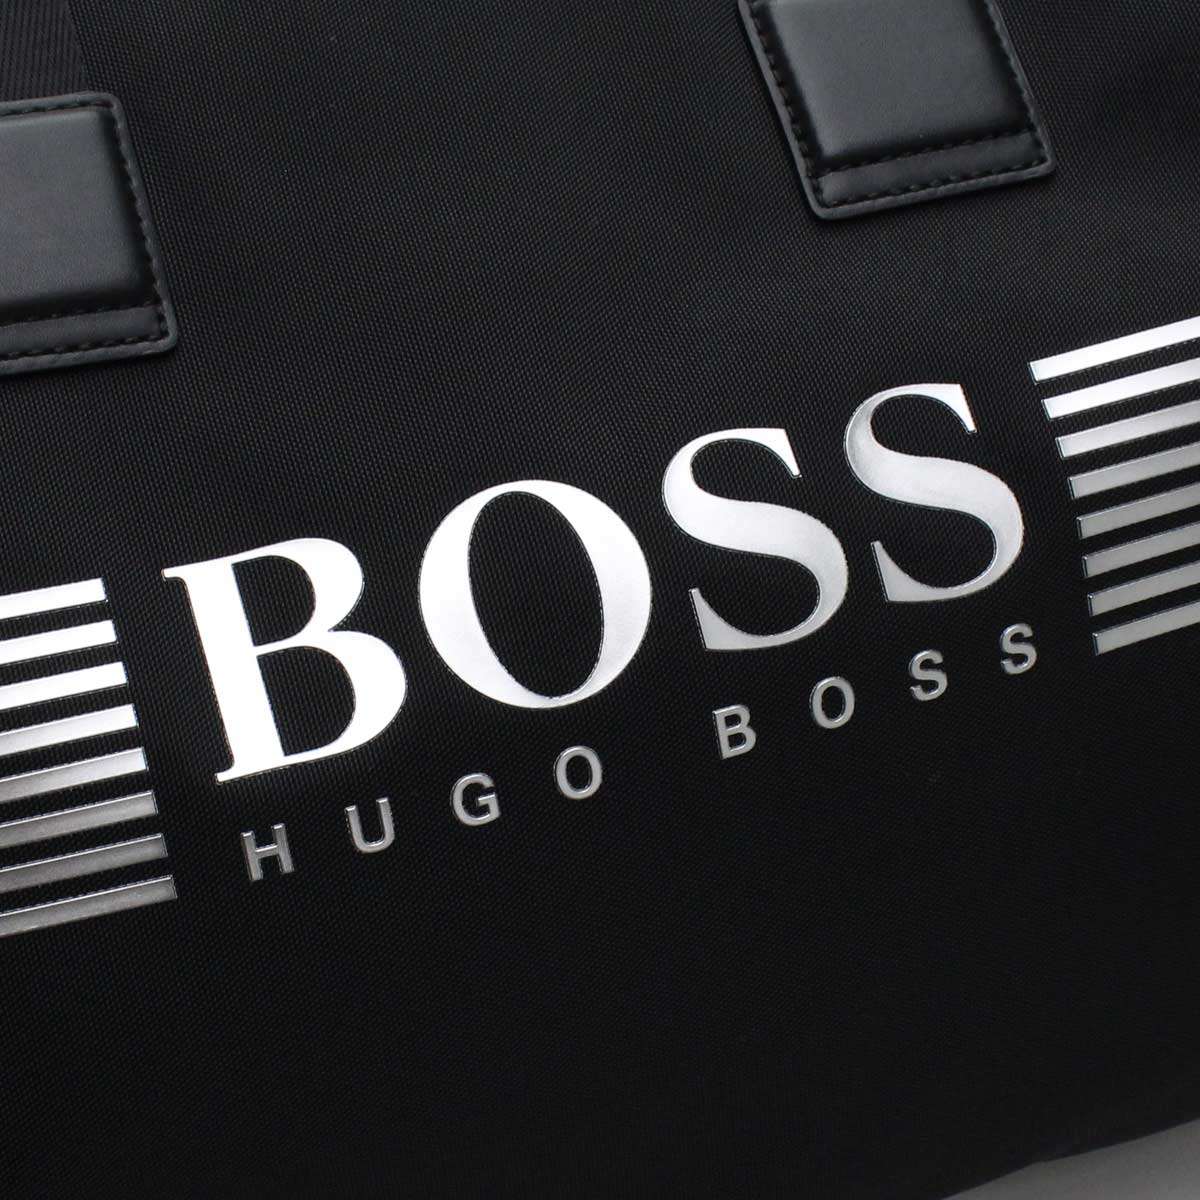 hugo boss 930 review